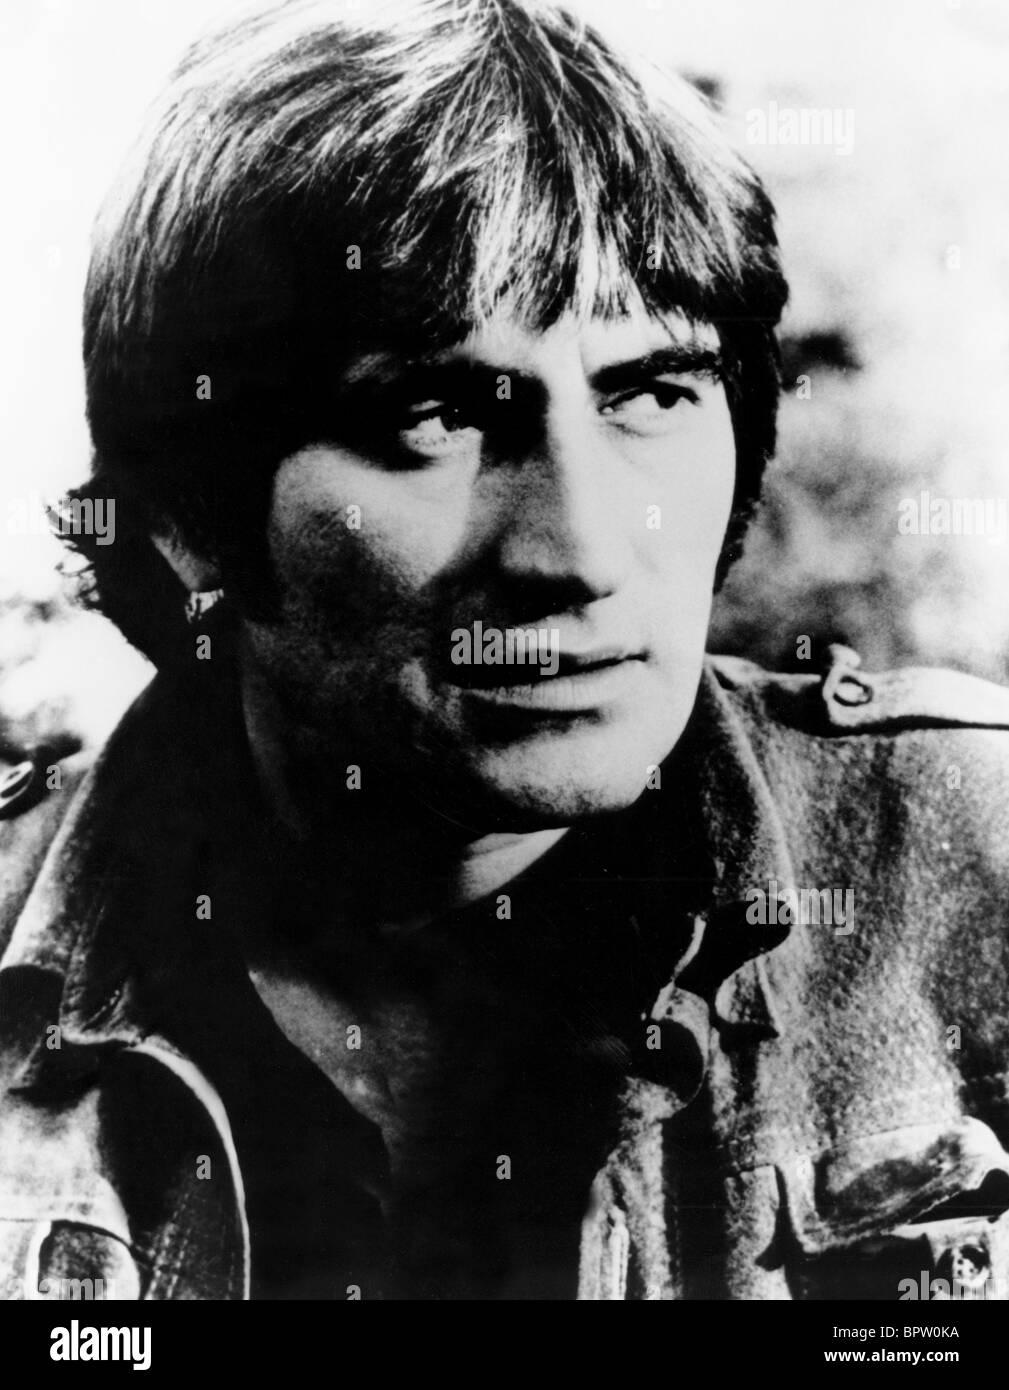 KEN HUTCHISON ACTOR (1970) - Stock Image